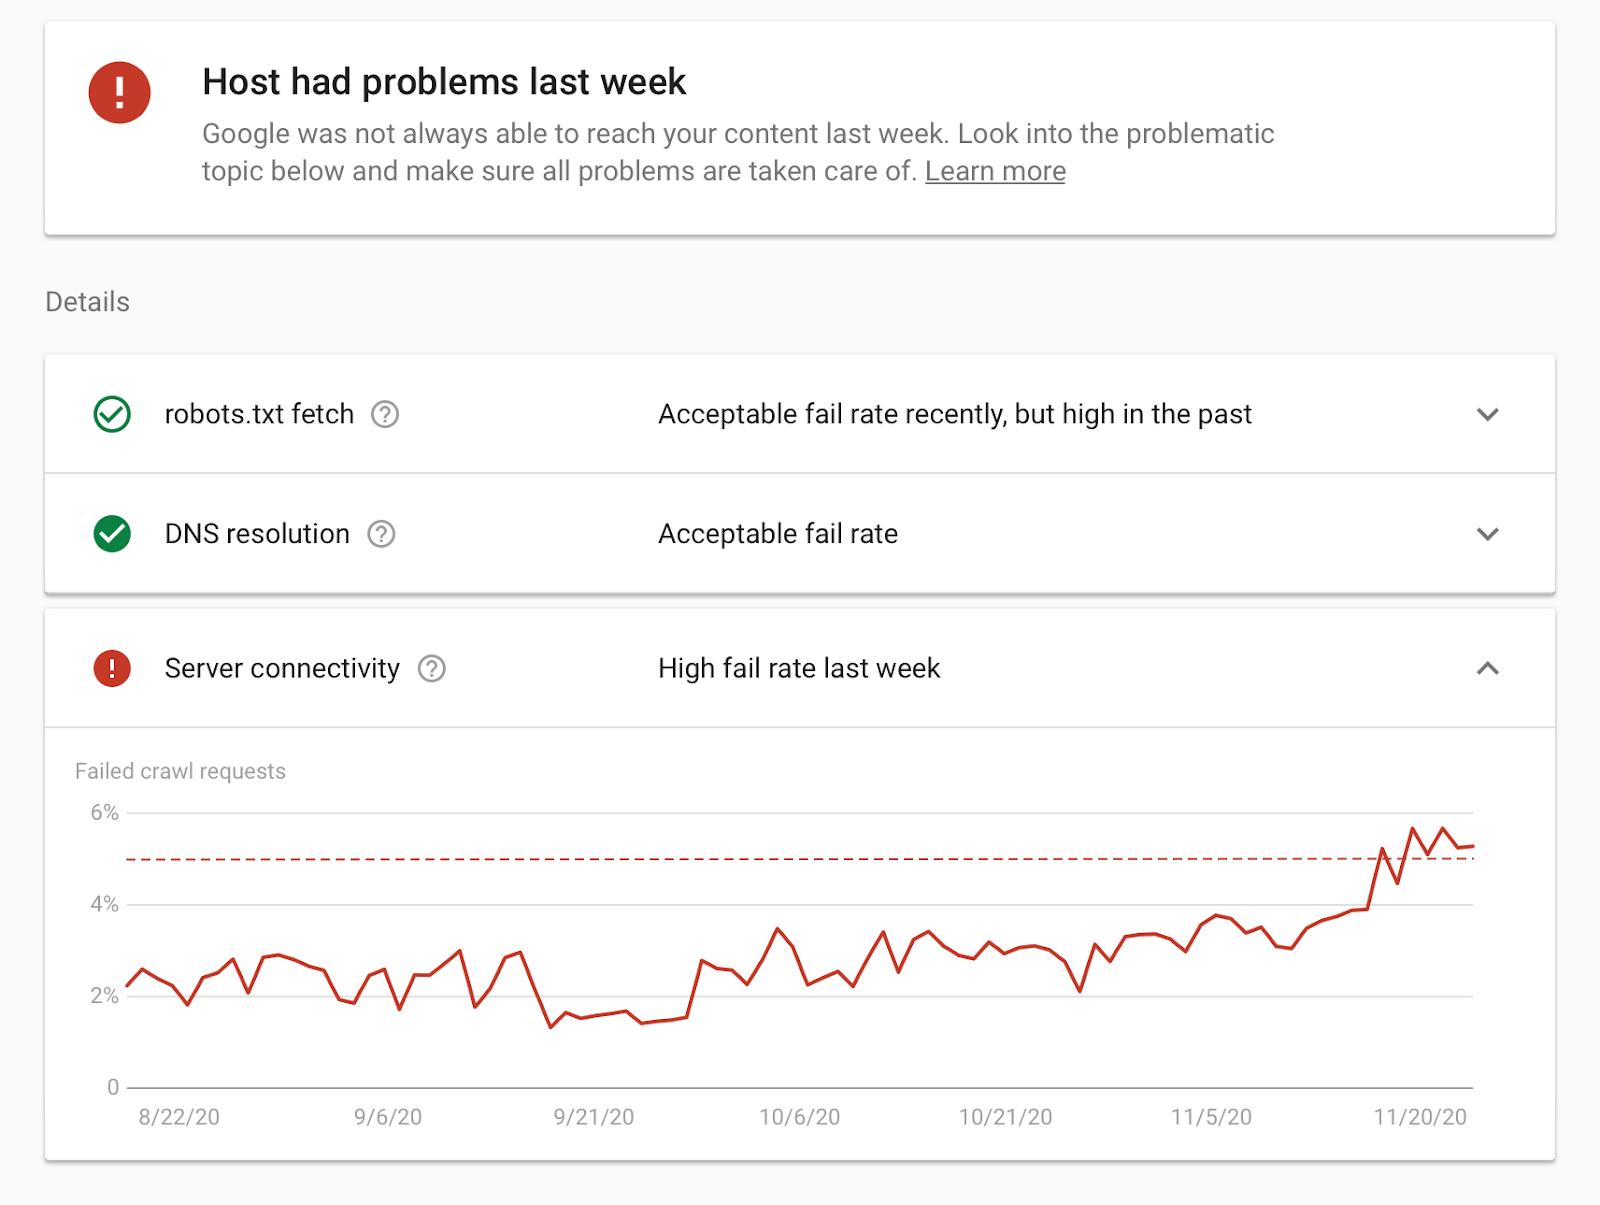 Google Search Console теперь предоставляет подробную информацию по вопросам статуса хоста